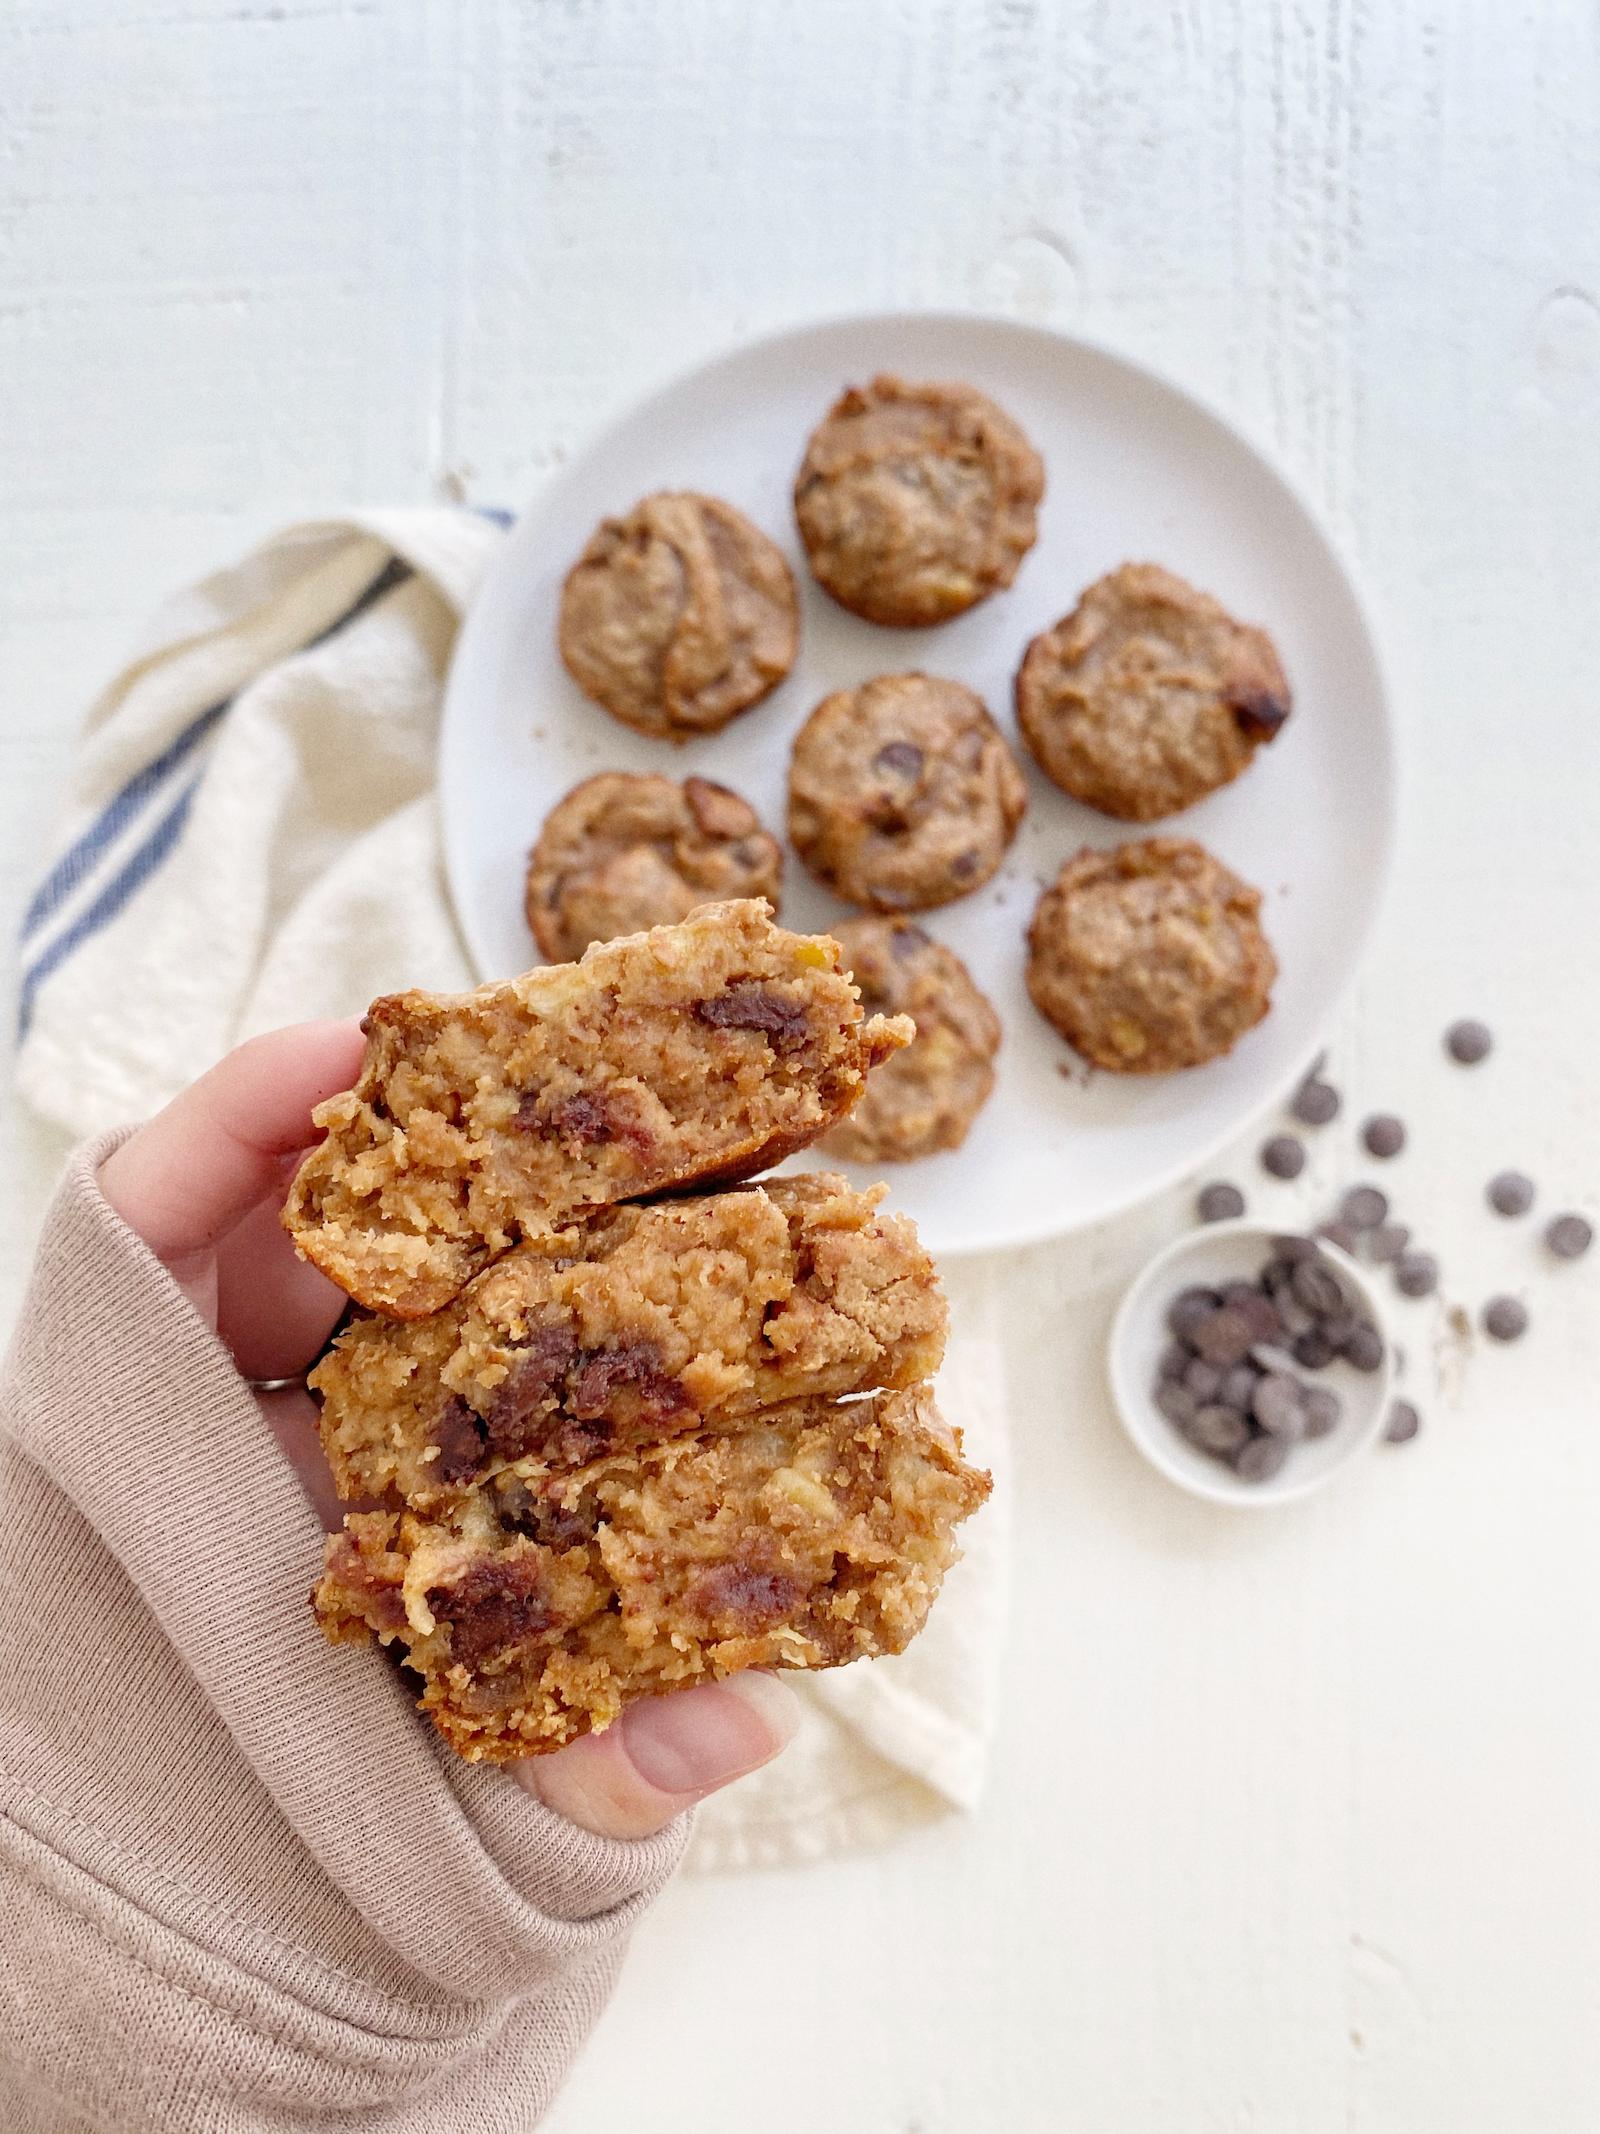 Gluten-Free Banana Chocolate Chip Muffins Recipe